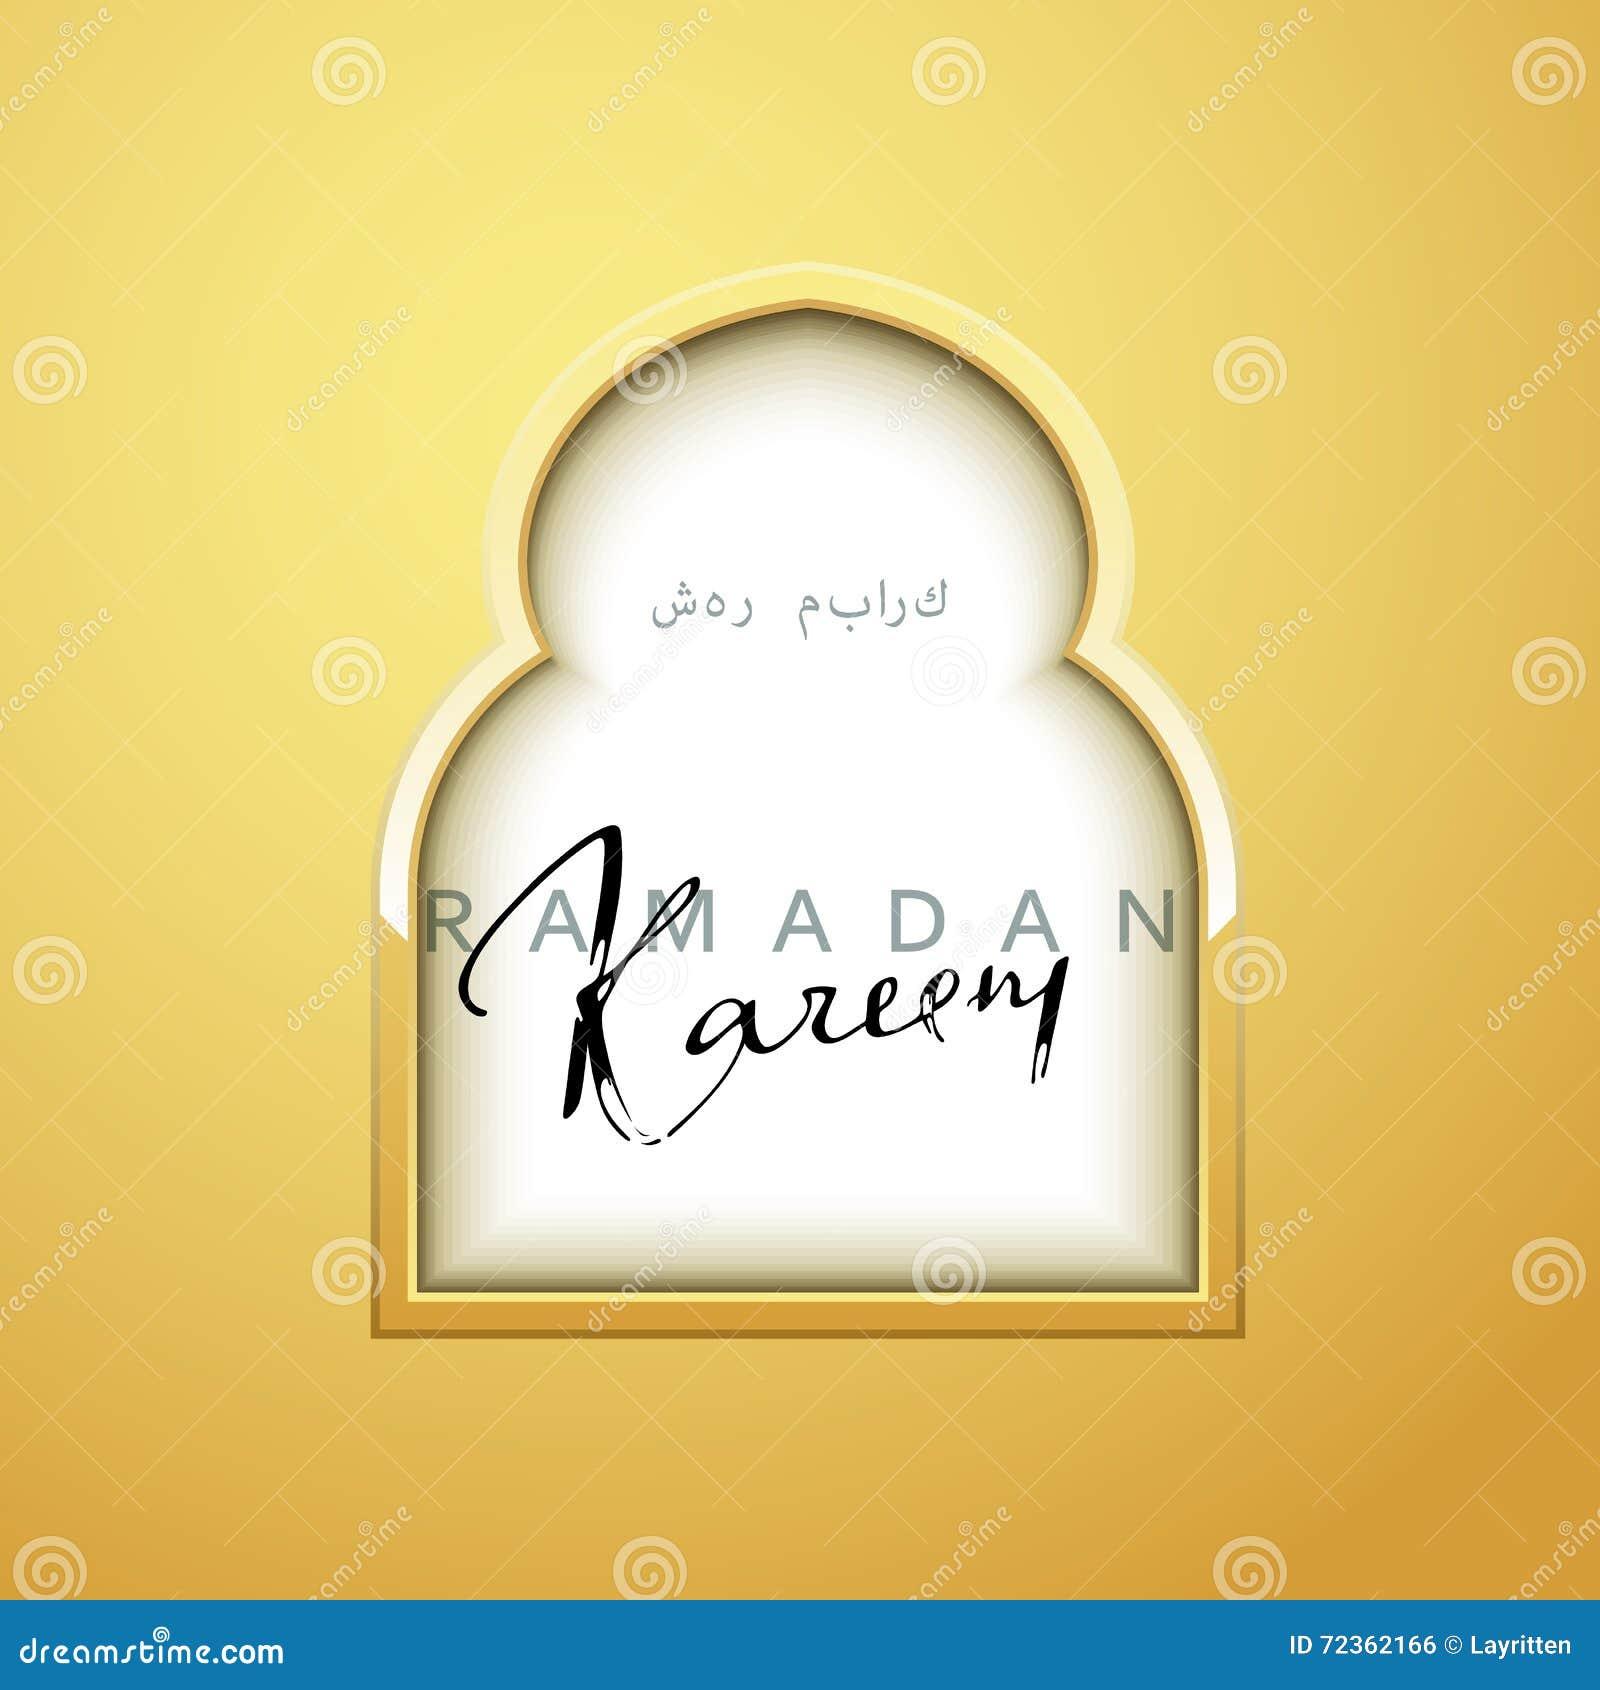 赖买丹月Kareem模板的金子设计阿拉伯窗口